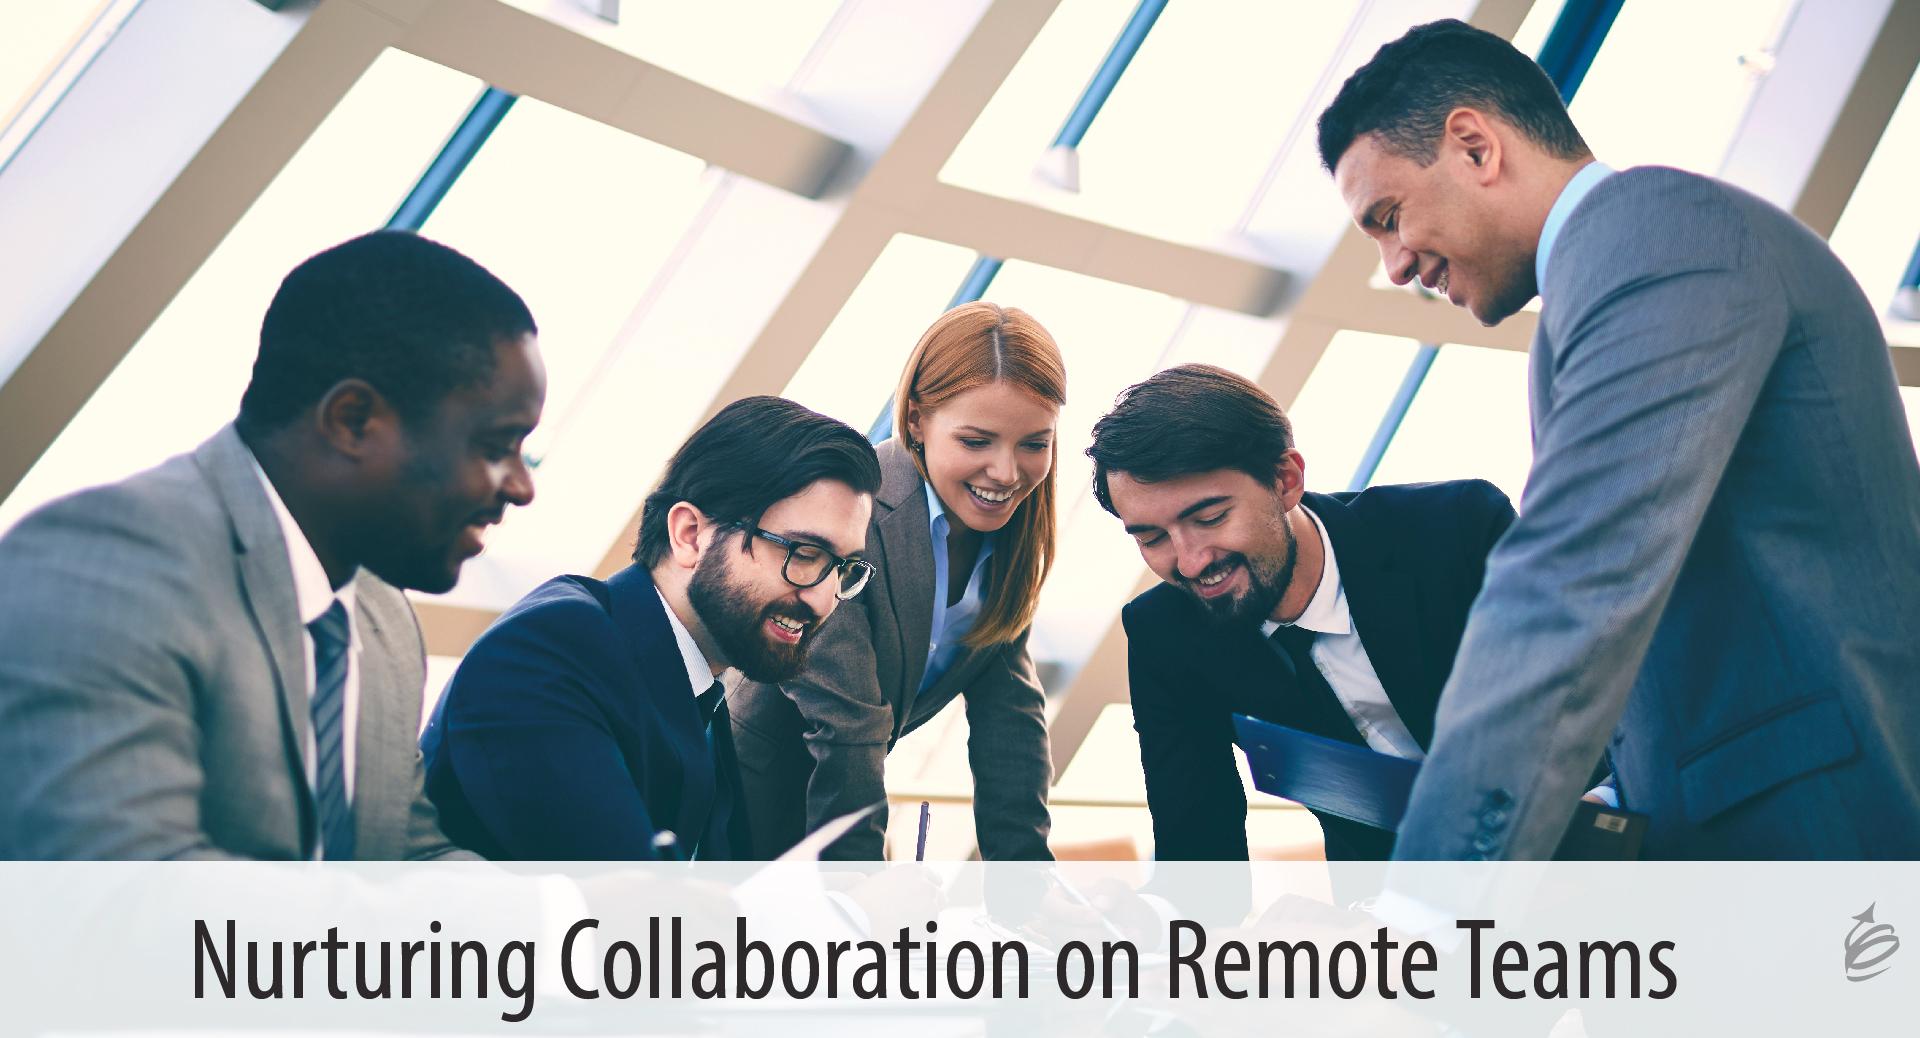 remote collaboration